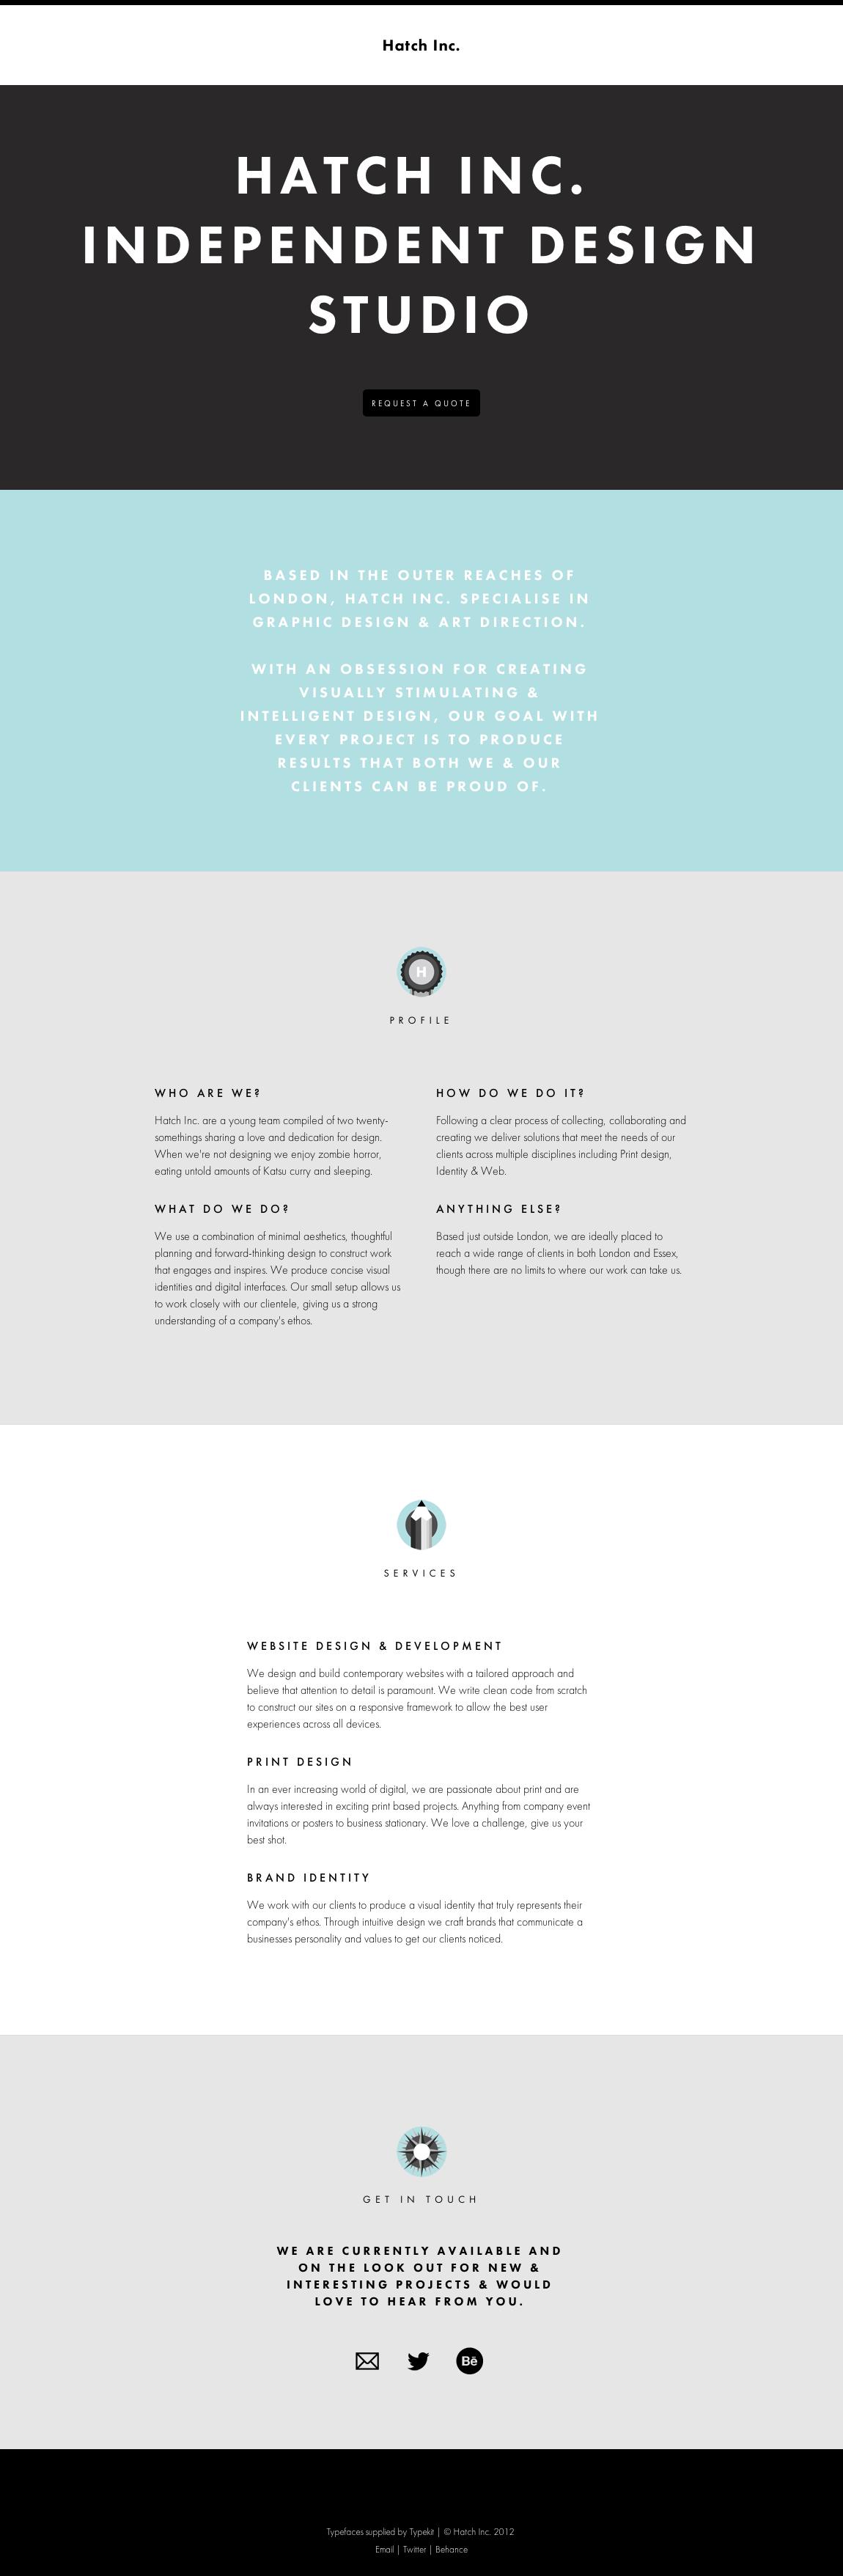 Hatch Inc. Website Screenshot